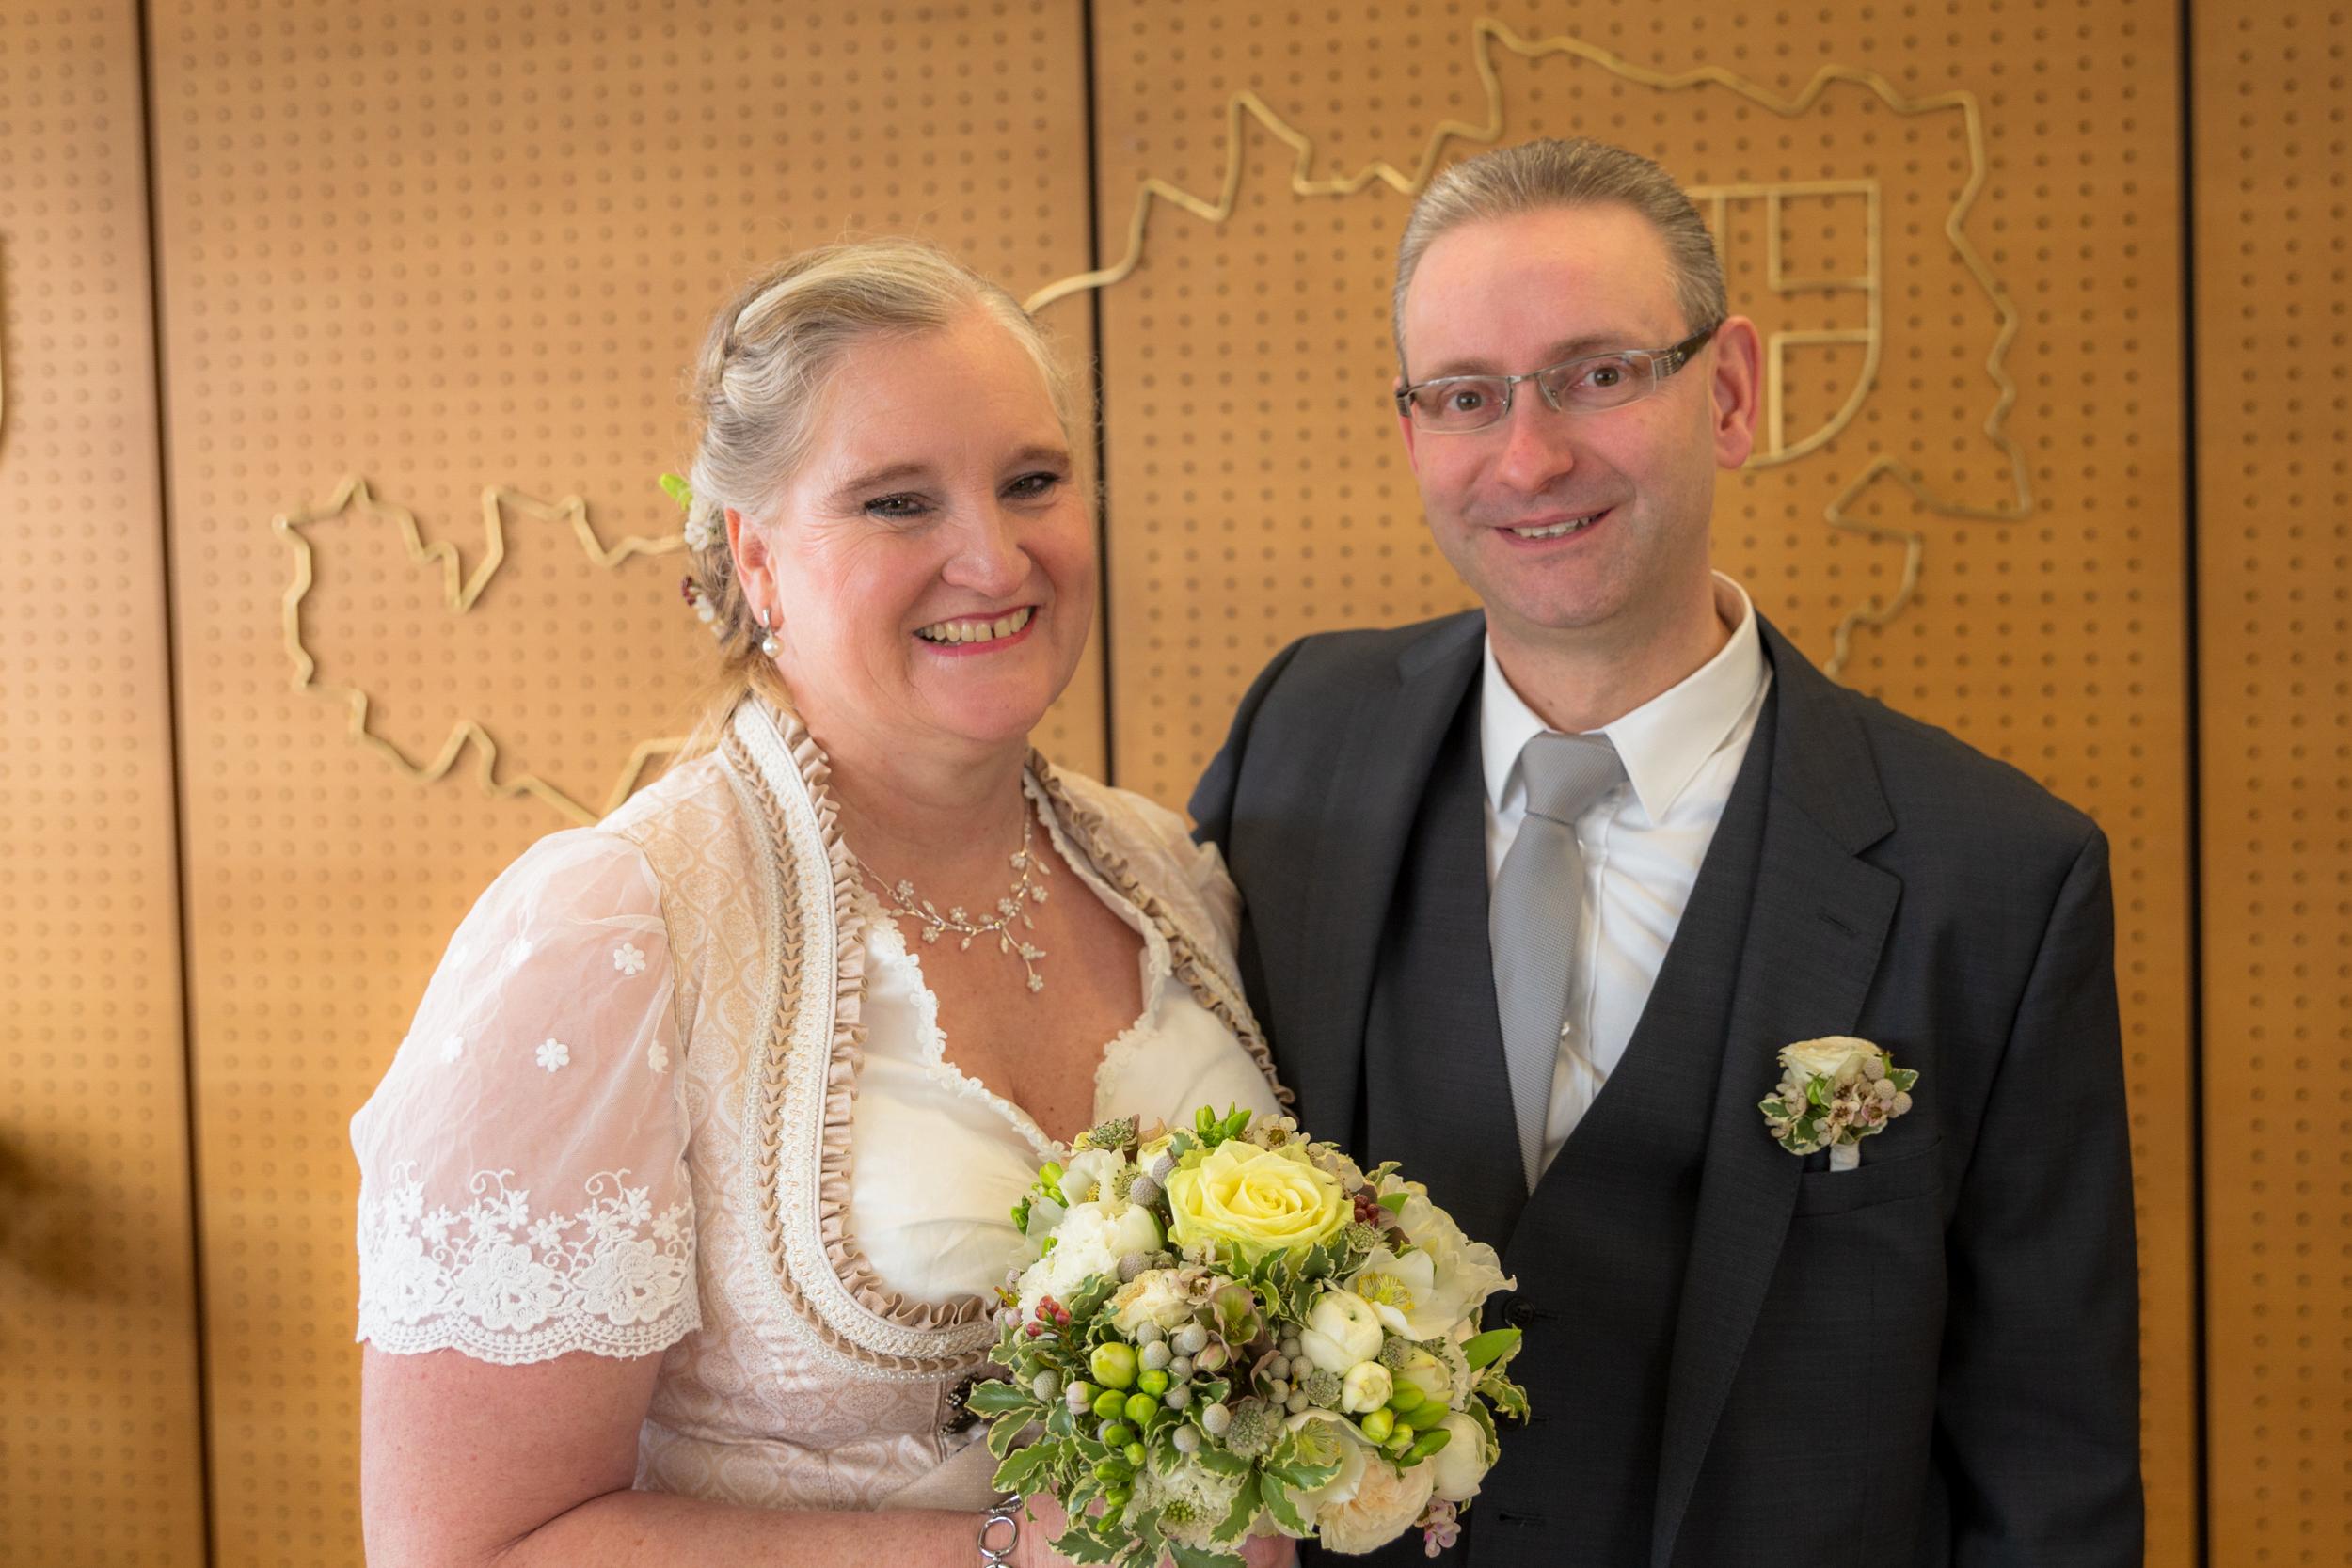 20190212_Hochzeit Koenig_0275.jpg